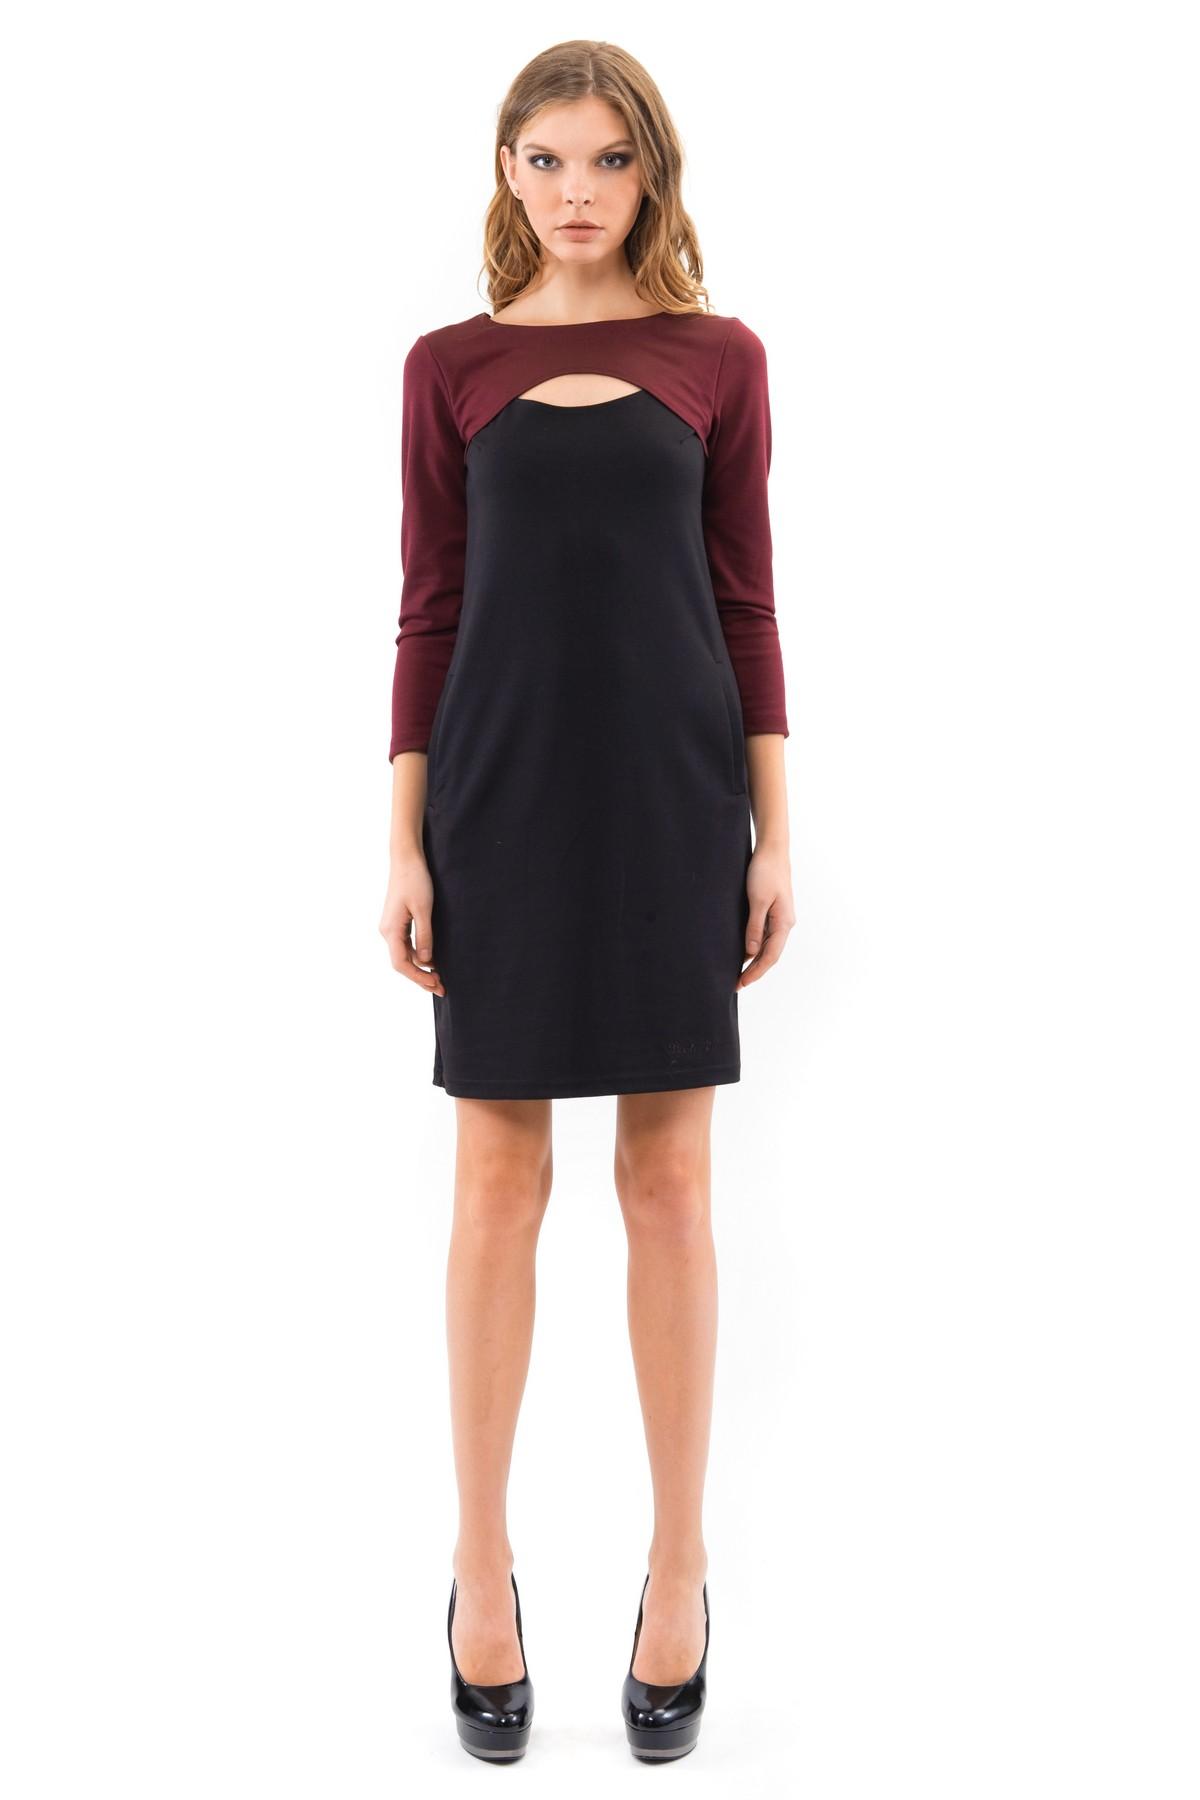 ПлатьеПлатья,  сарафаны<br>Платье свободного покроя с рукавами 3/4  и красивым вырезом в области декольте. Выполнено из высококачественного трикотажа. Отличный вариант для создания повседневного стильного образа.<br><br>Цвет: фиолетовый,черный<br>Состав: 60%вискоза, 35%полиэстер, 5%лайкра<br>Размер: 40,42,44,46,48,50,52,54,56,58,60<br>Страна дизайна: Россия<br>Страна производства: Россия